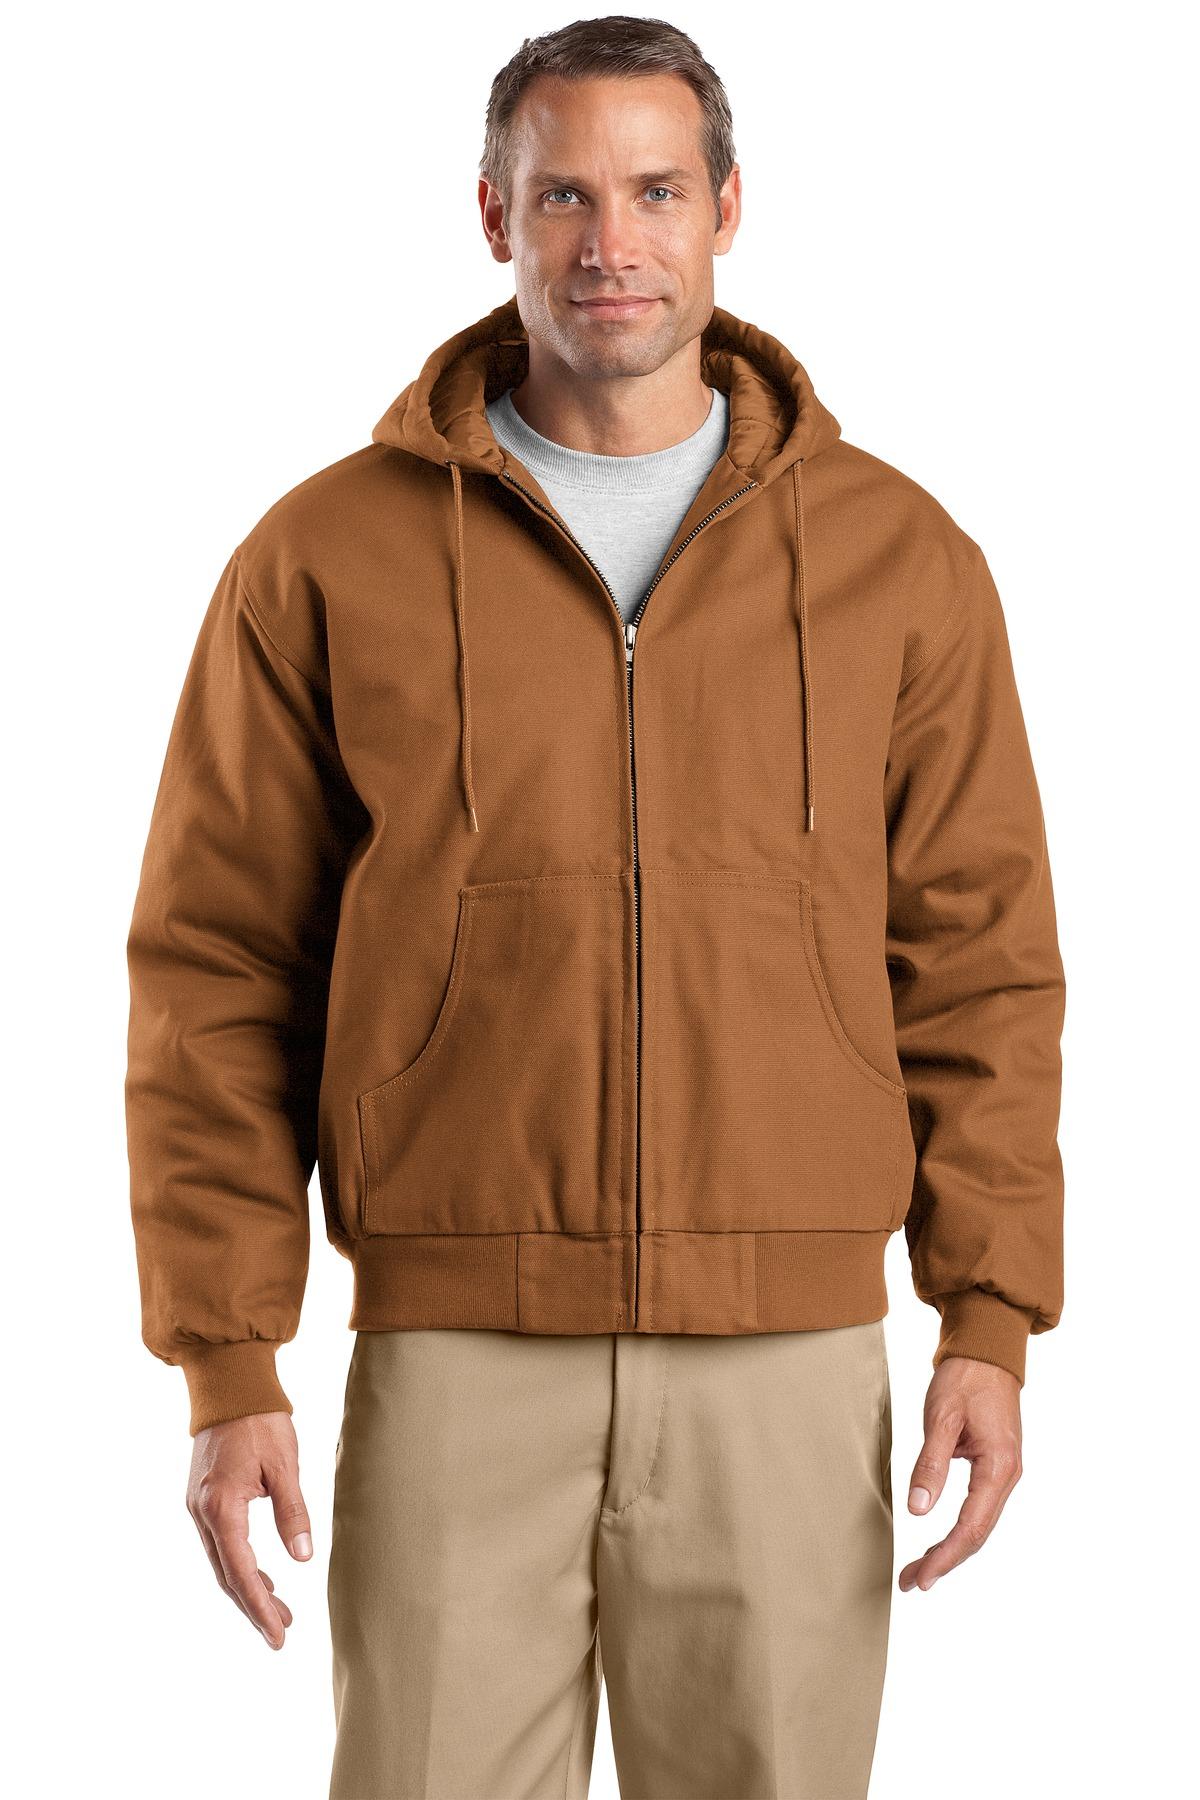 Outerwear-Work-Jackets-8